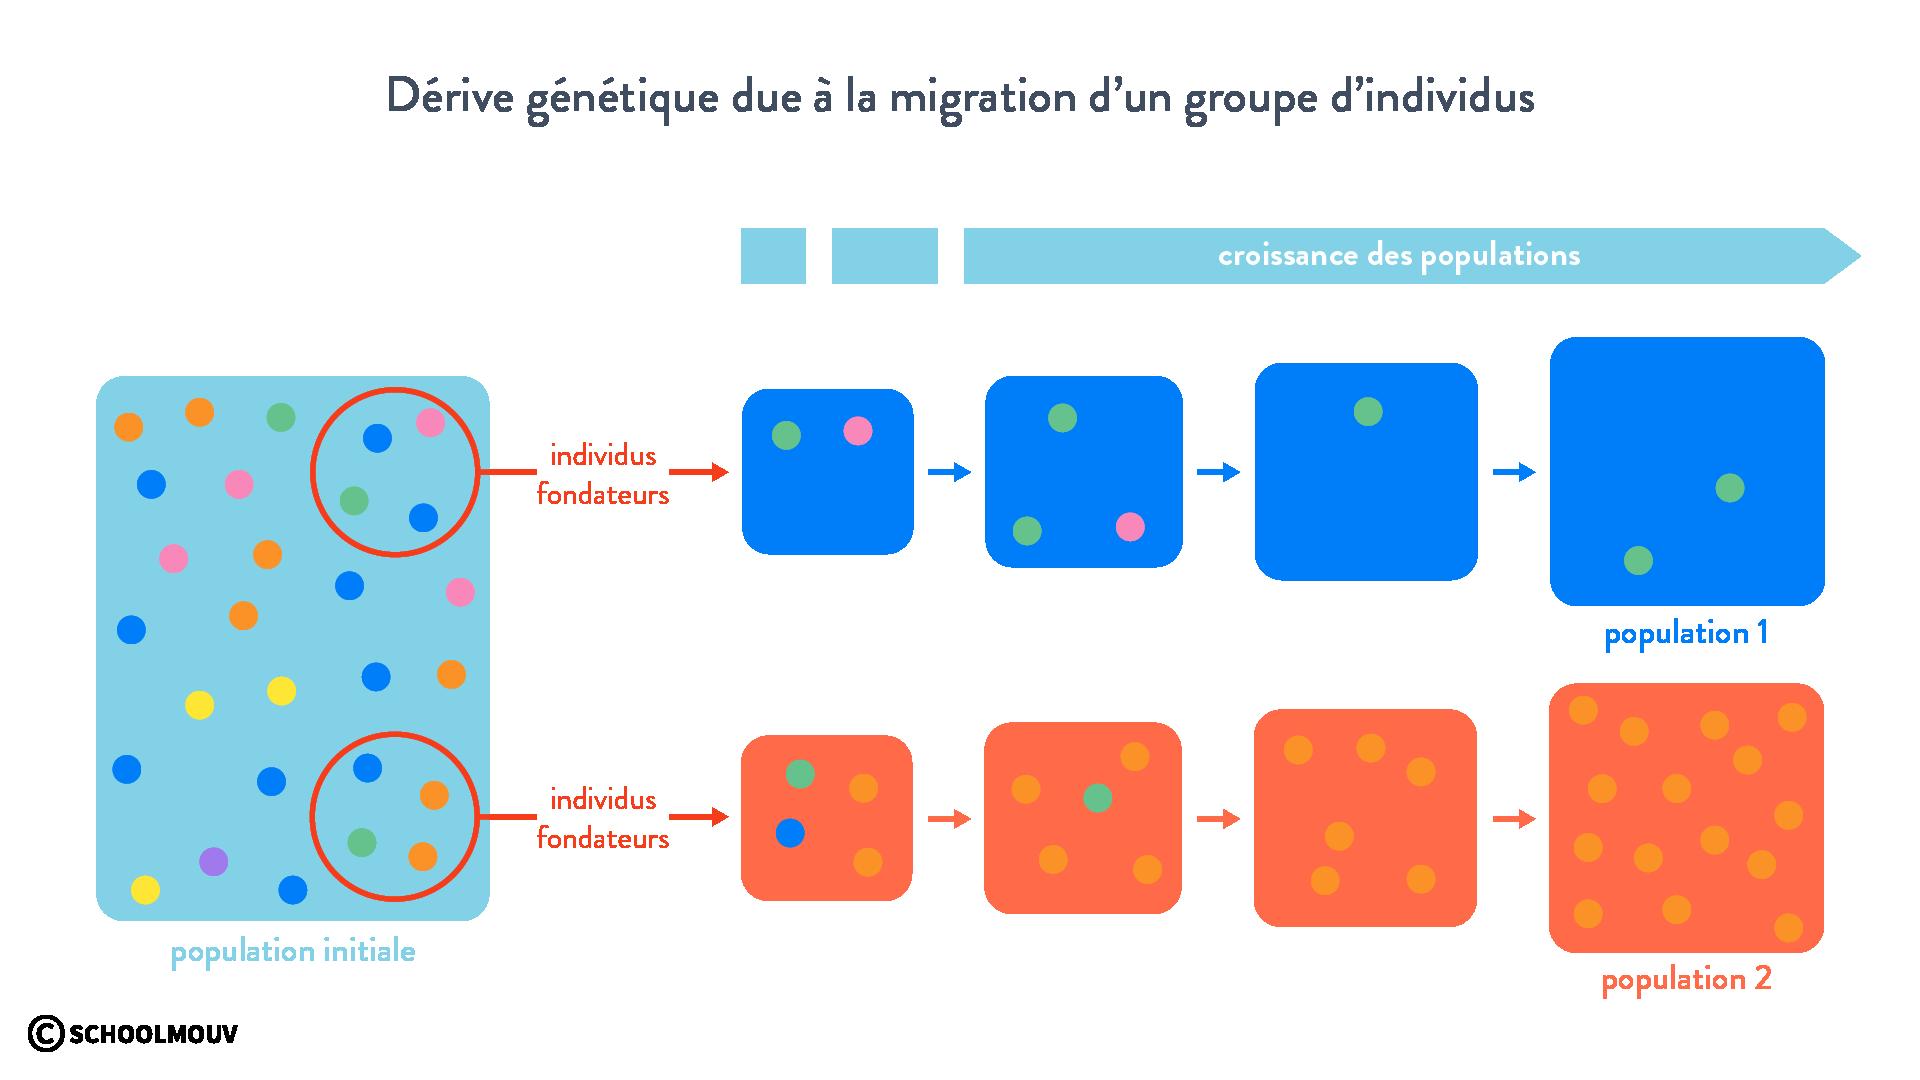 Dérive génétique due à la migration d'un groupe d'individus